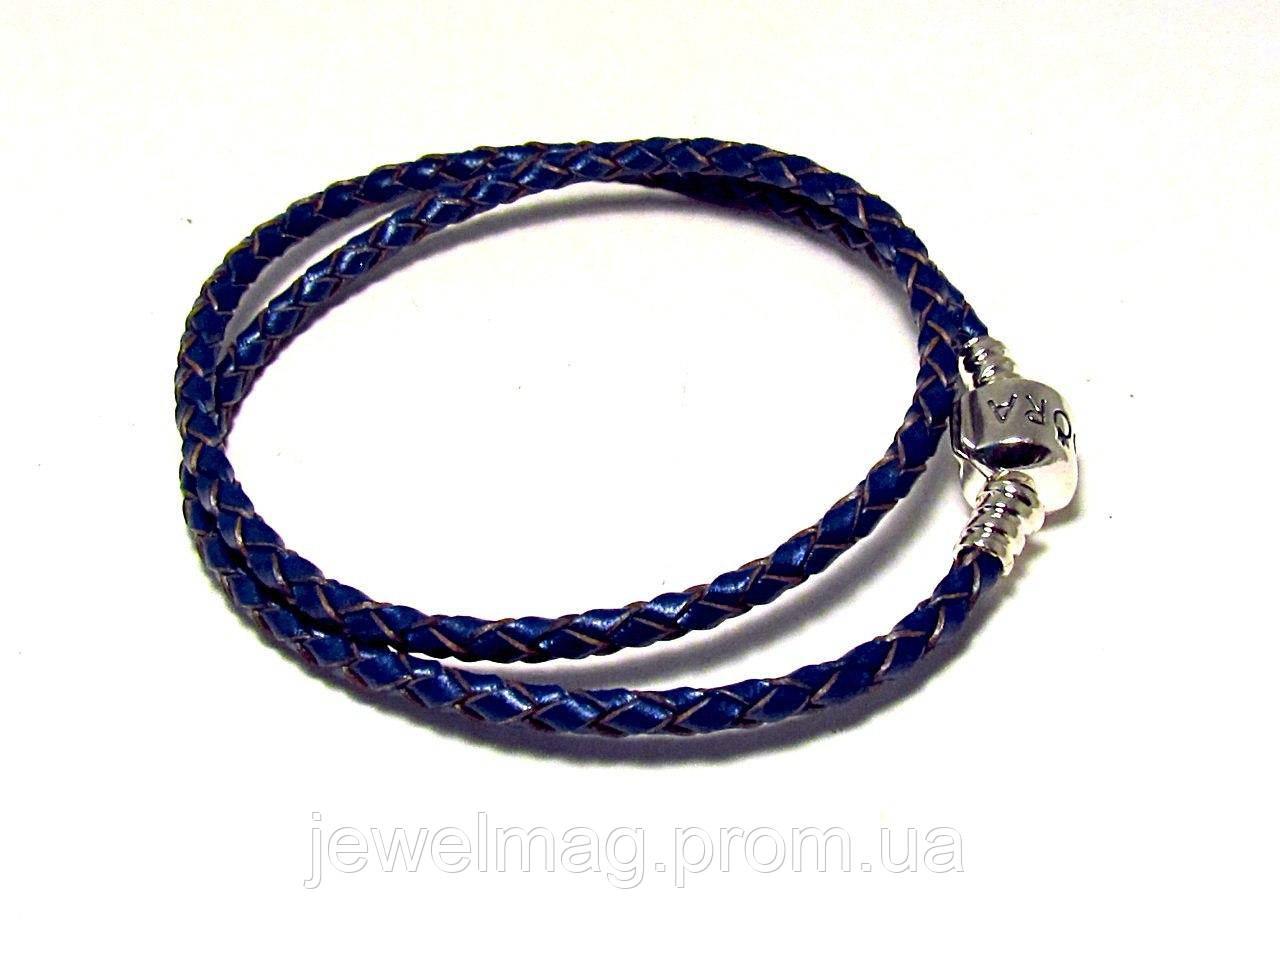 Кожаный браслет Пандора синий с перламутром